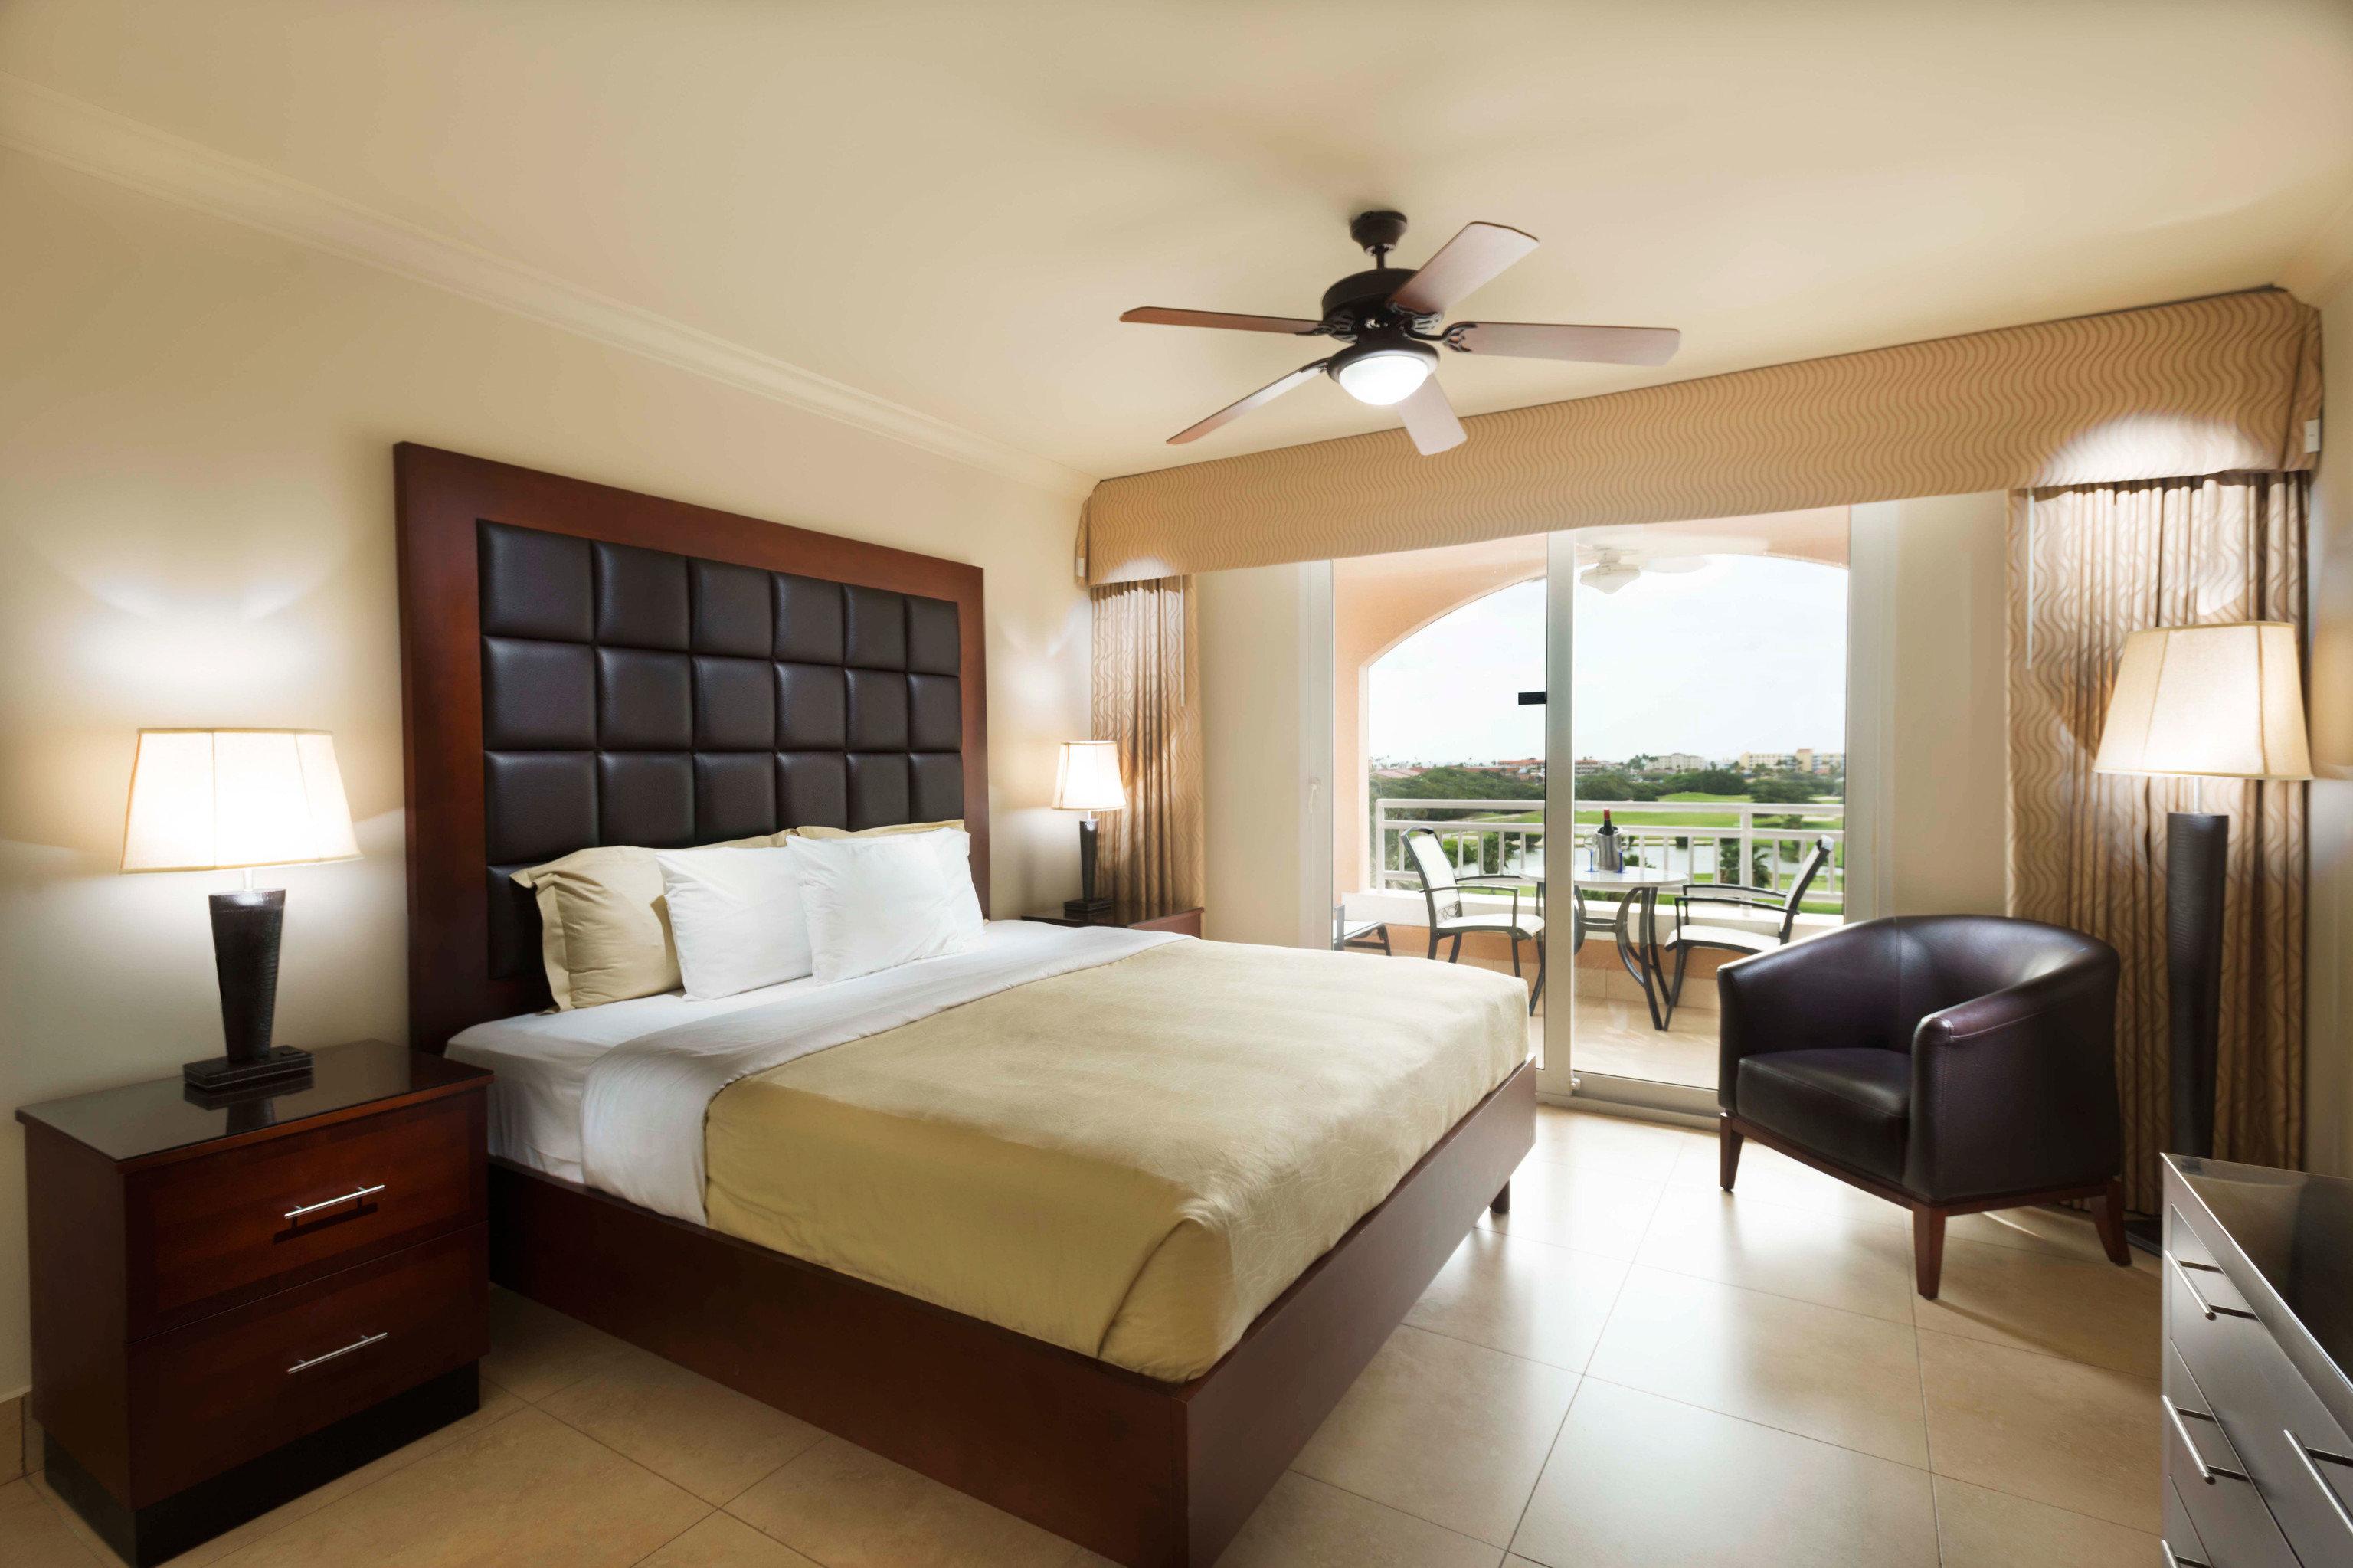 Bedroom property cottage Suite home Villa living room